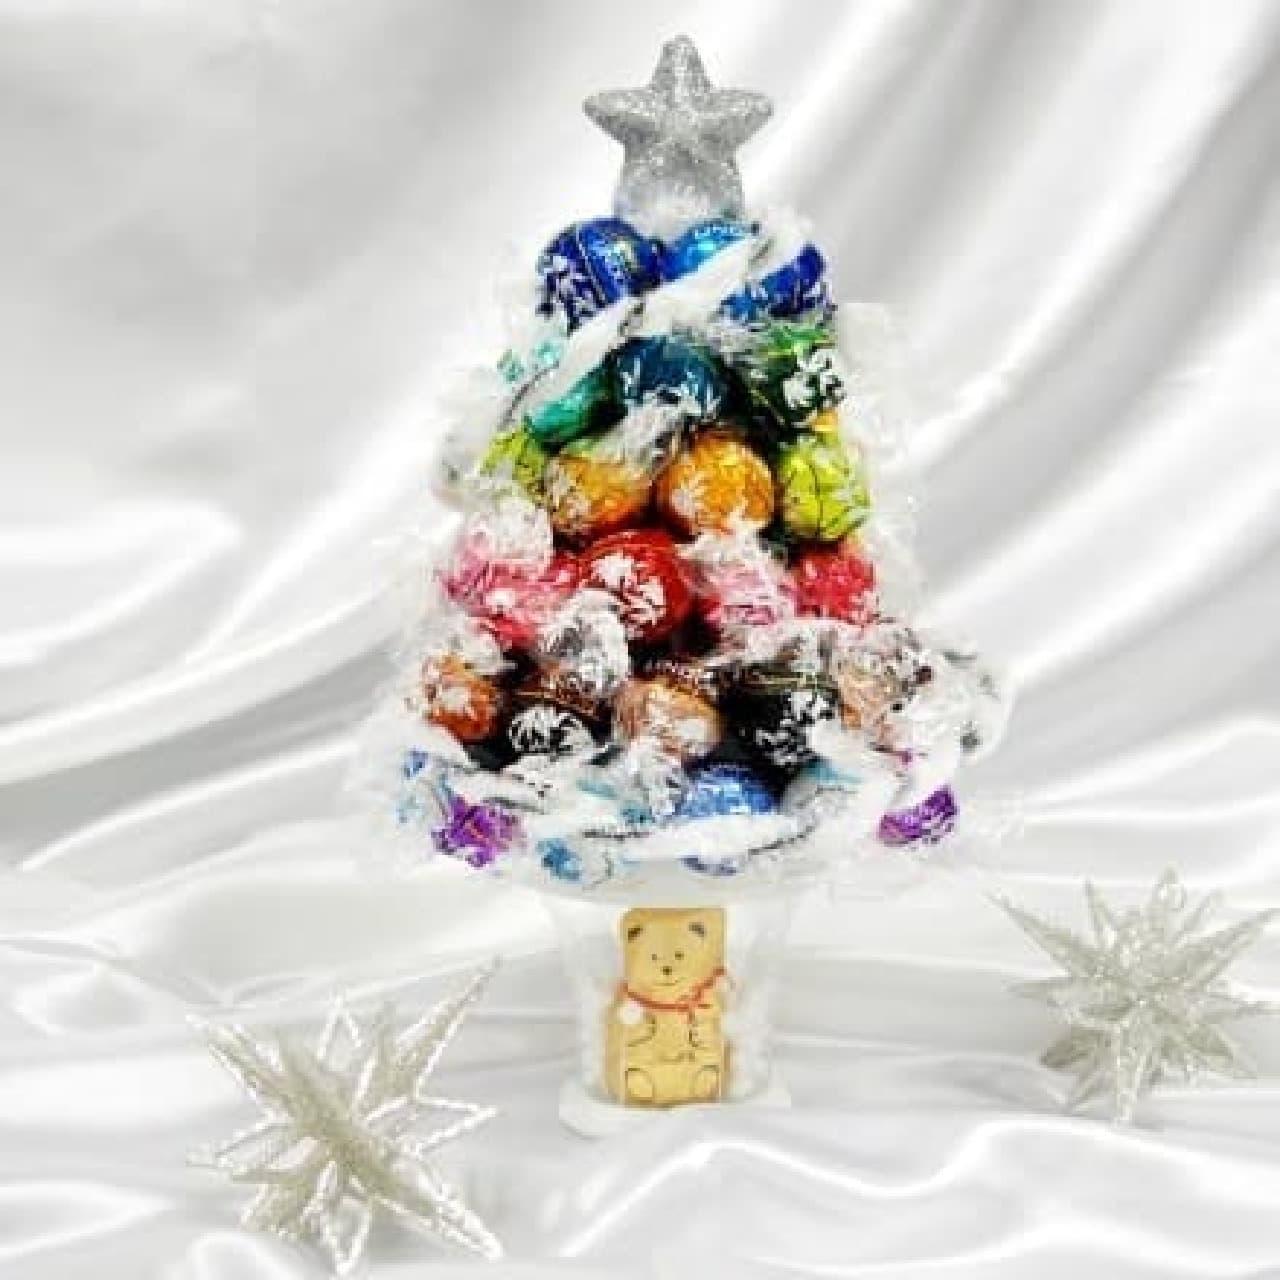 リンツ ショコラ カフェ自由が丘店、リンドールでつくるクリスマスツリー